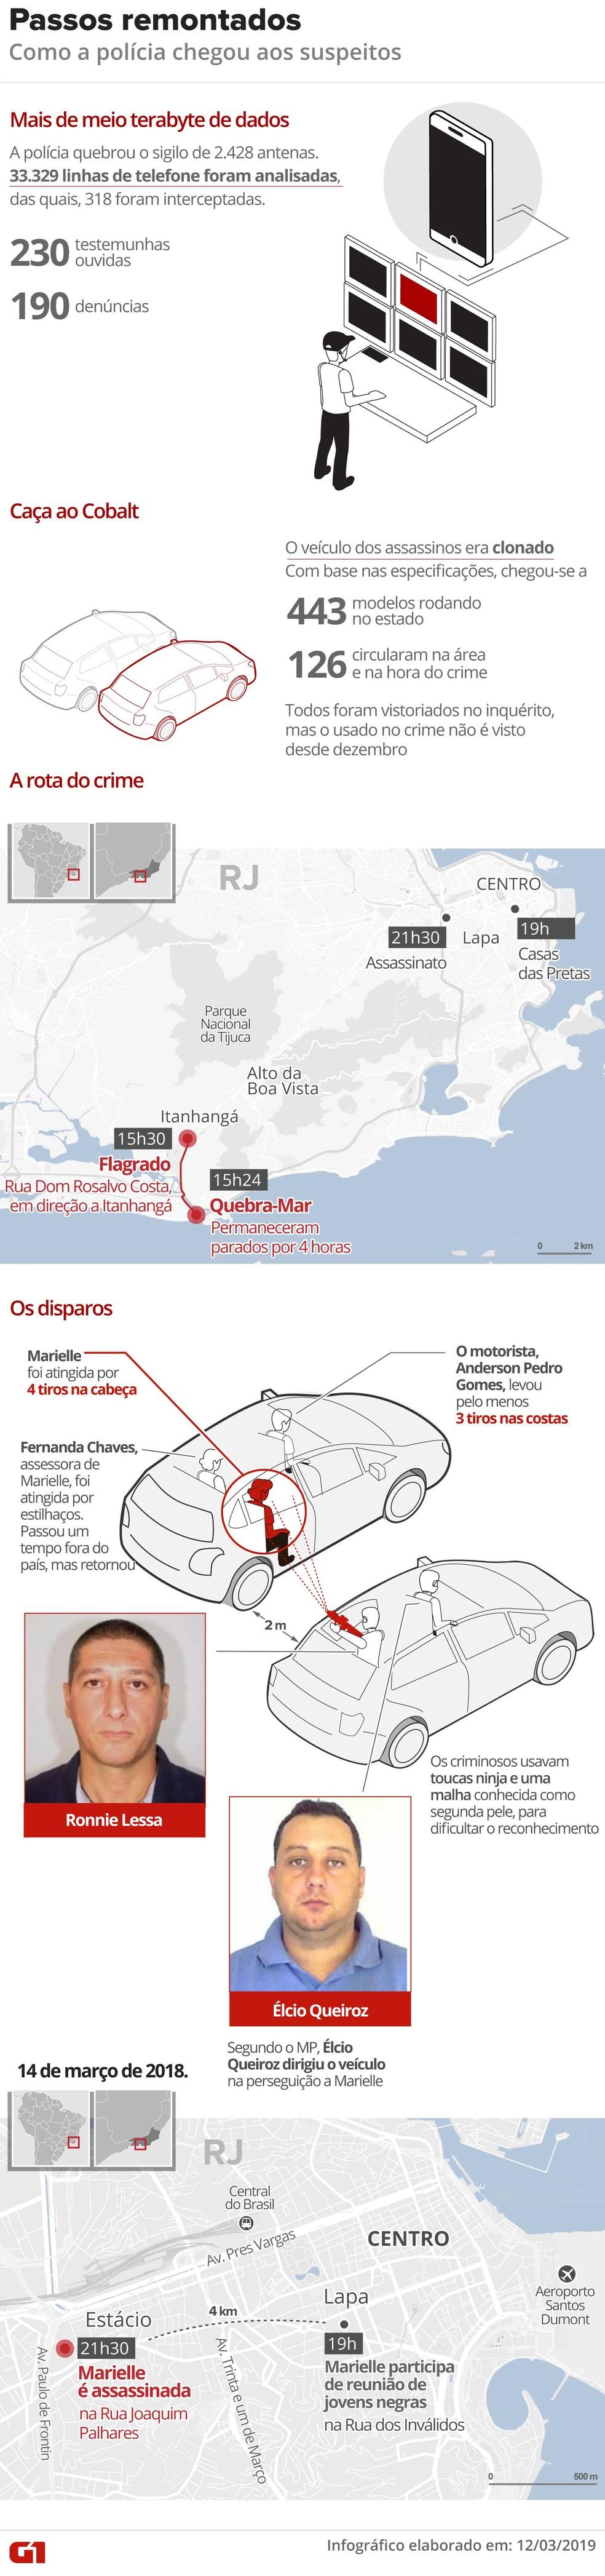 Investigação do crime contra Marielle — Foto: Igor Estrella/G1